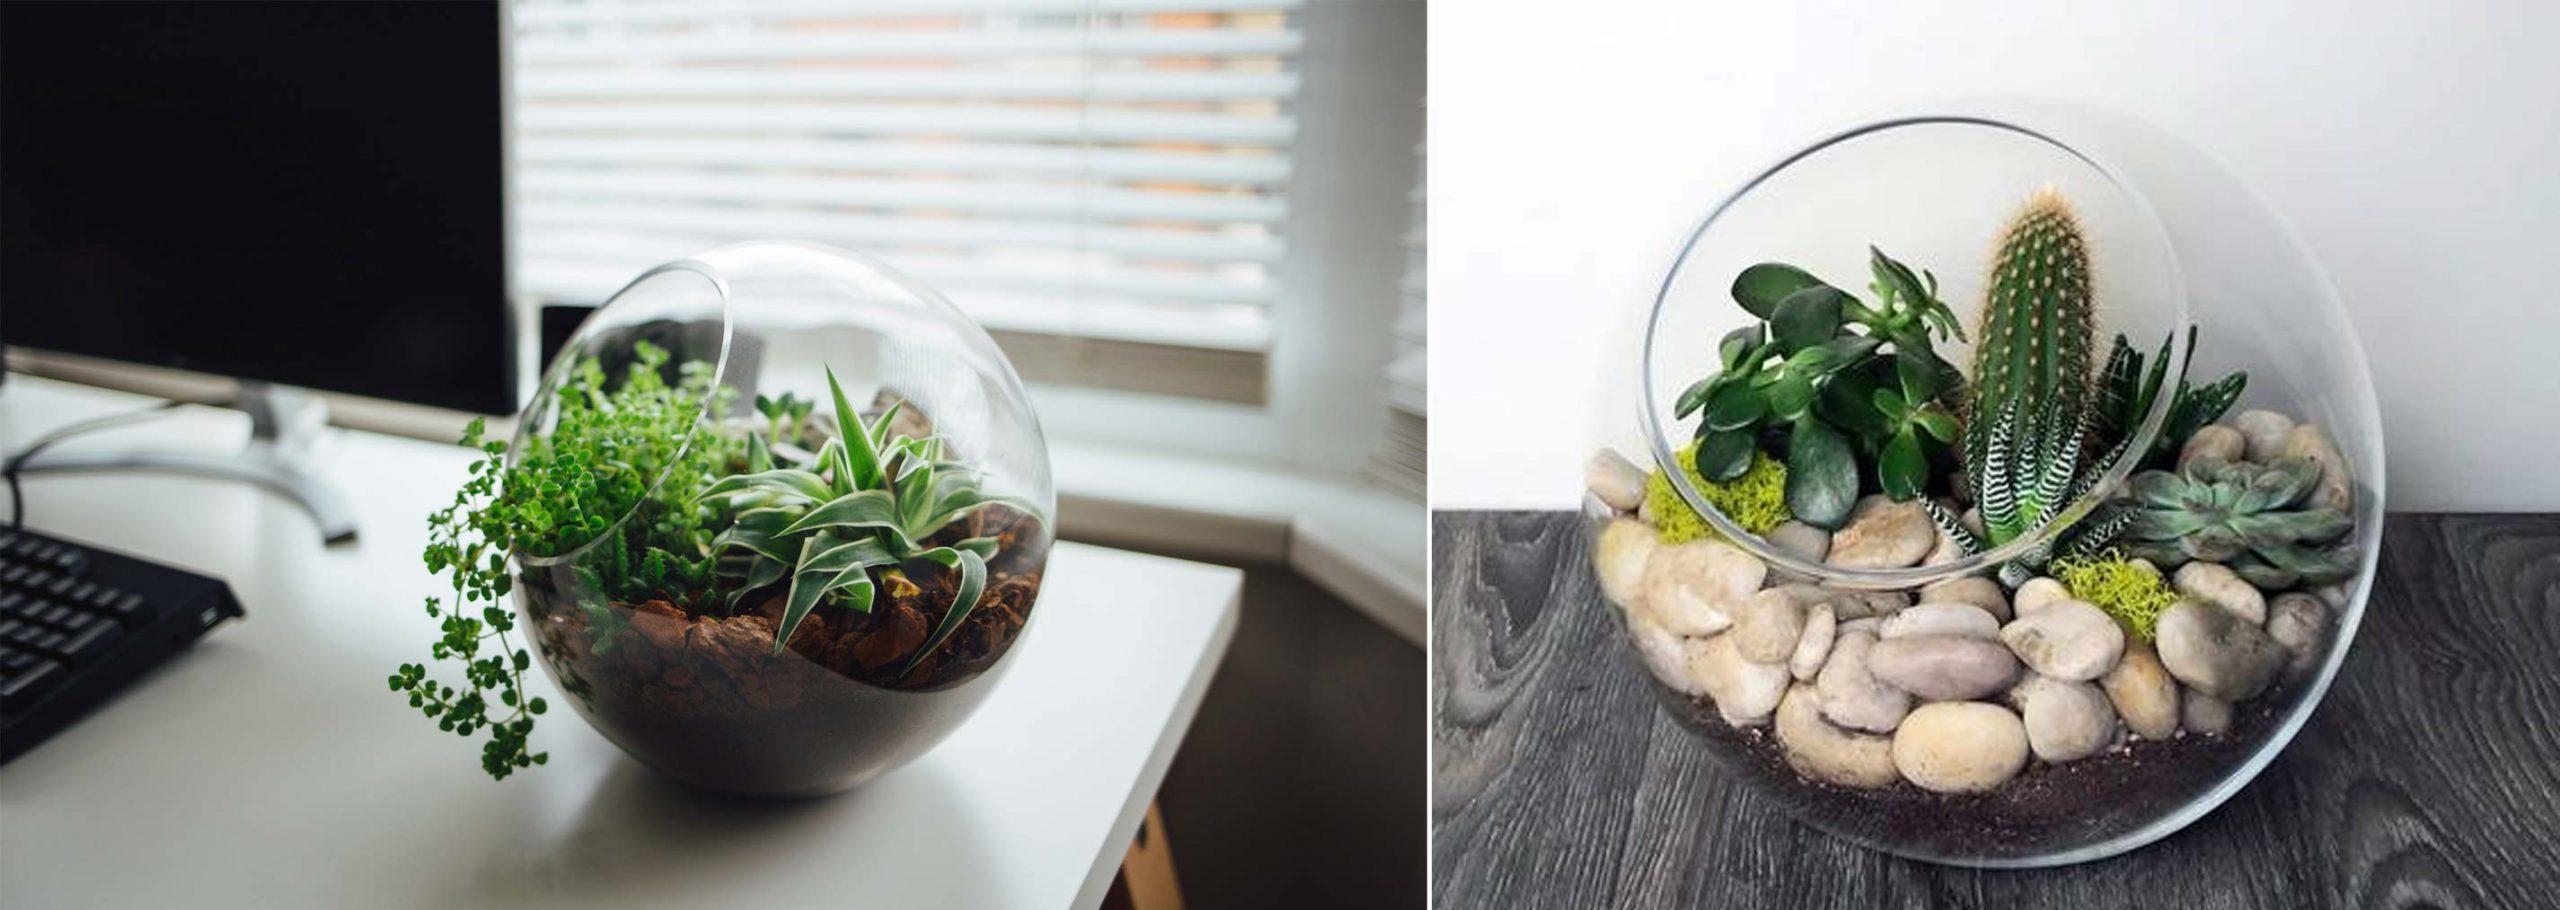 5- کاربرد و استفاده - تجهیزات دکوراسیون - گیاهان آپارتمانی - indoor plants - office plants - استفاده از گیاهان آپارتمانی - تراریوم در دفتر کار